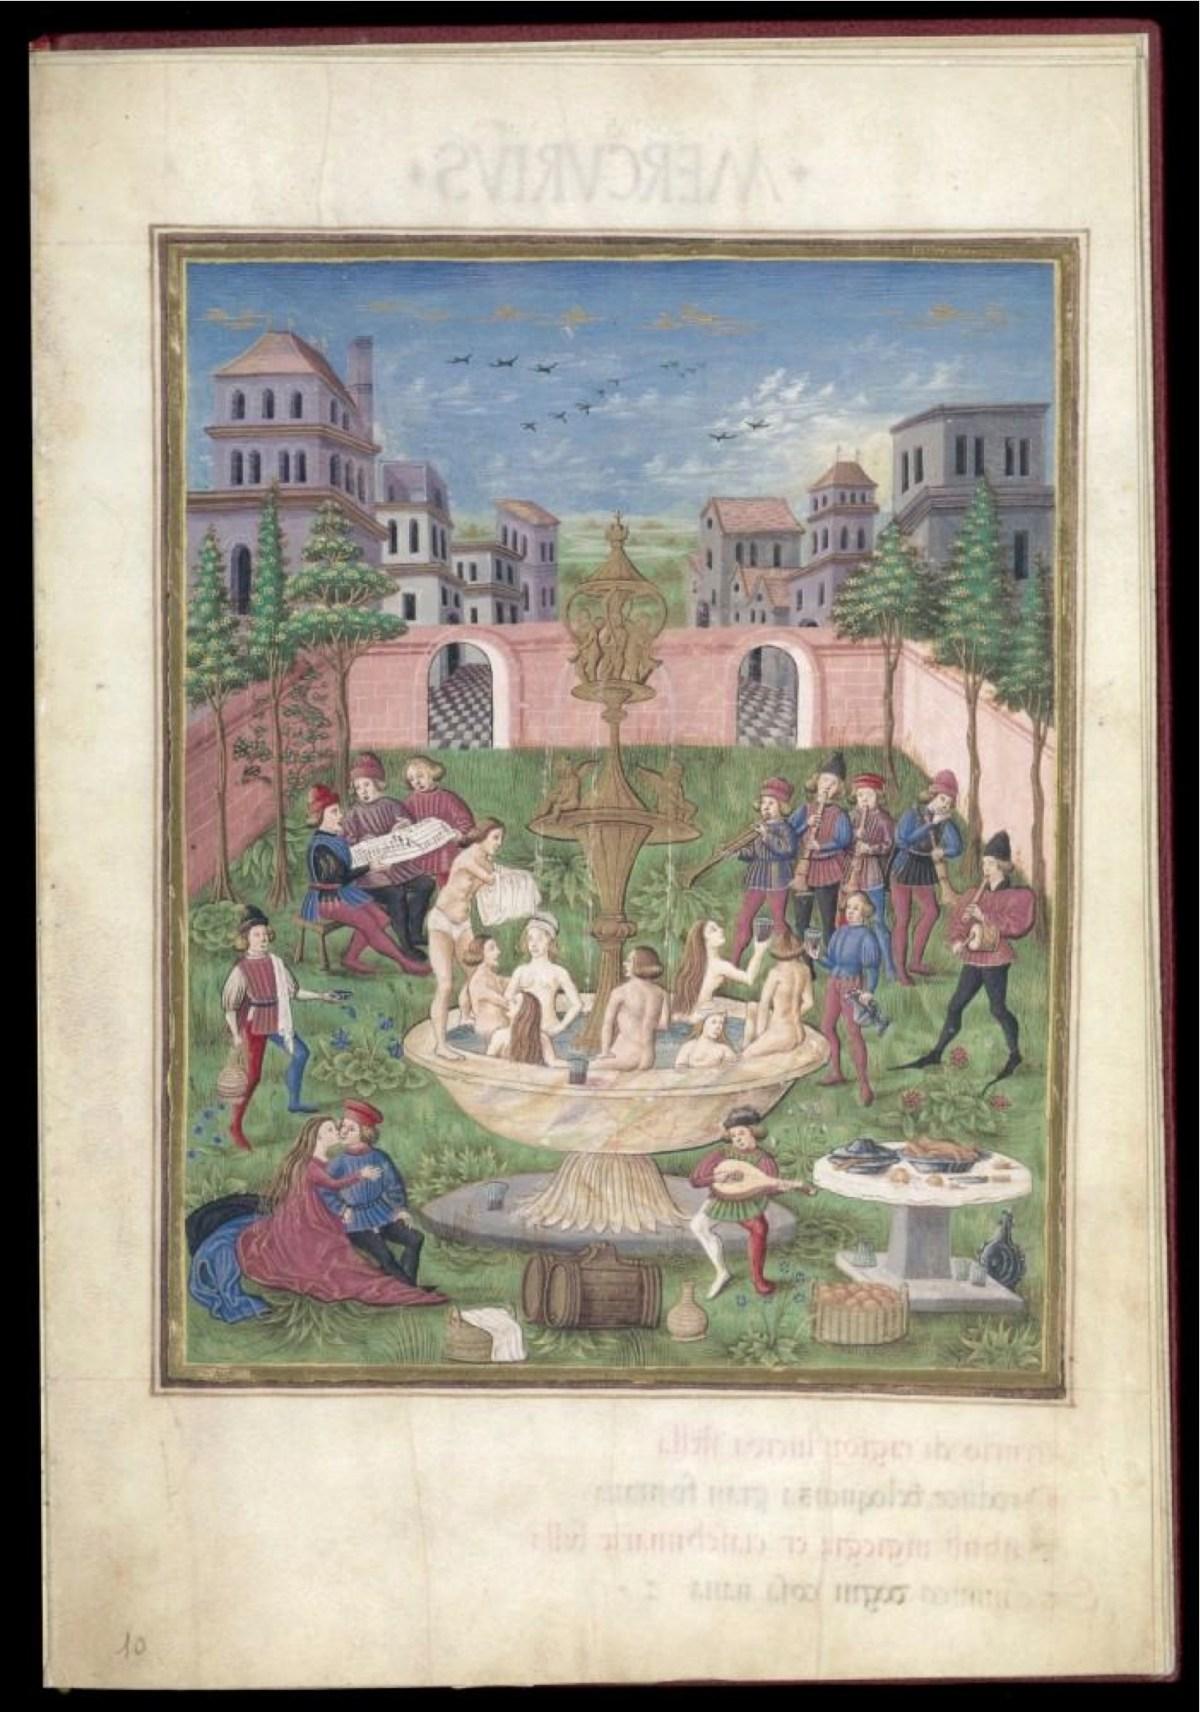 De Sphaera estense - Tavola XVII